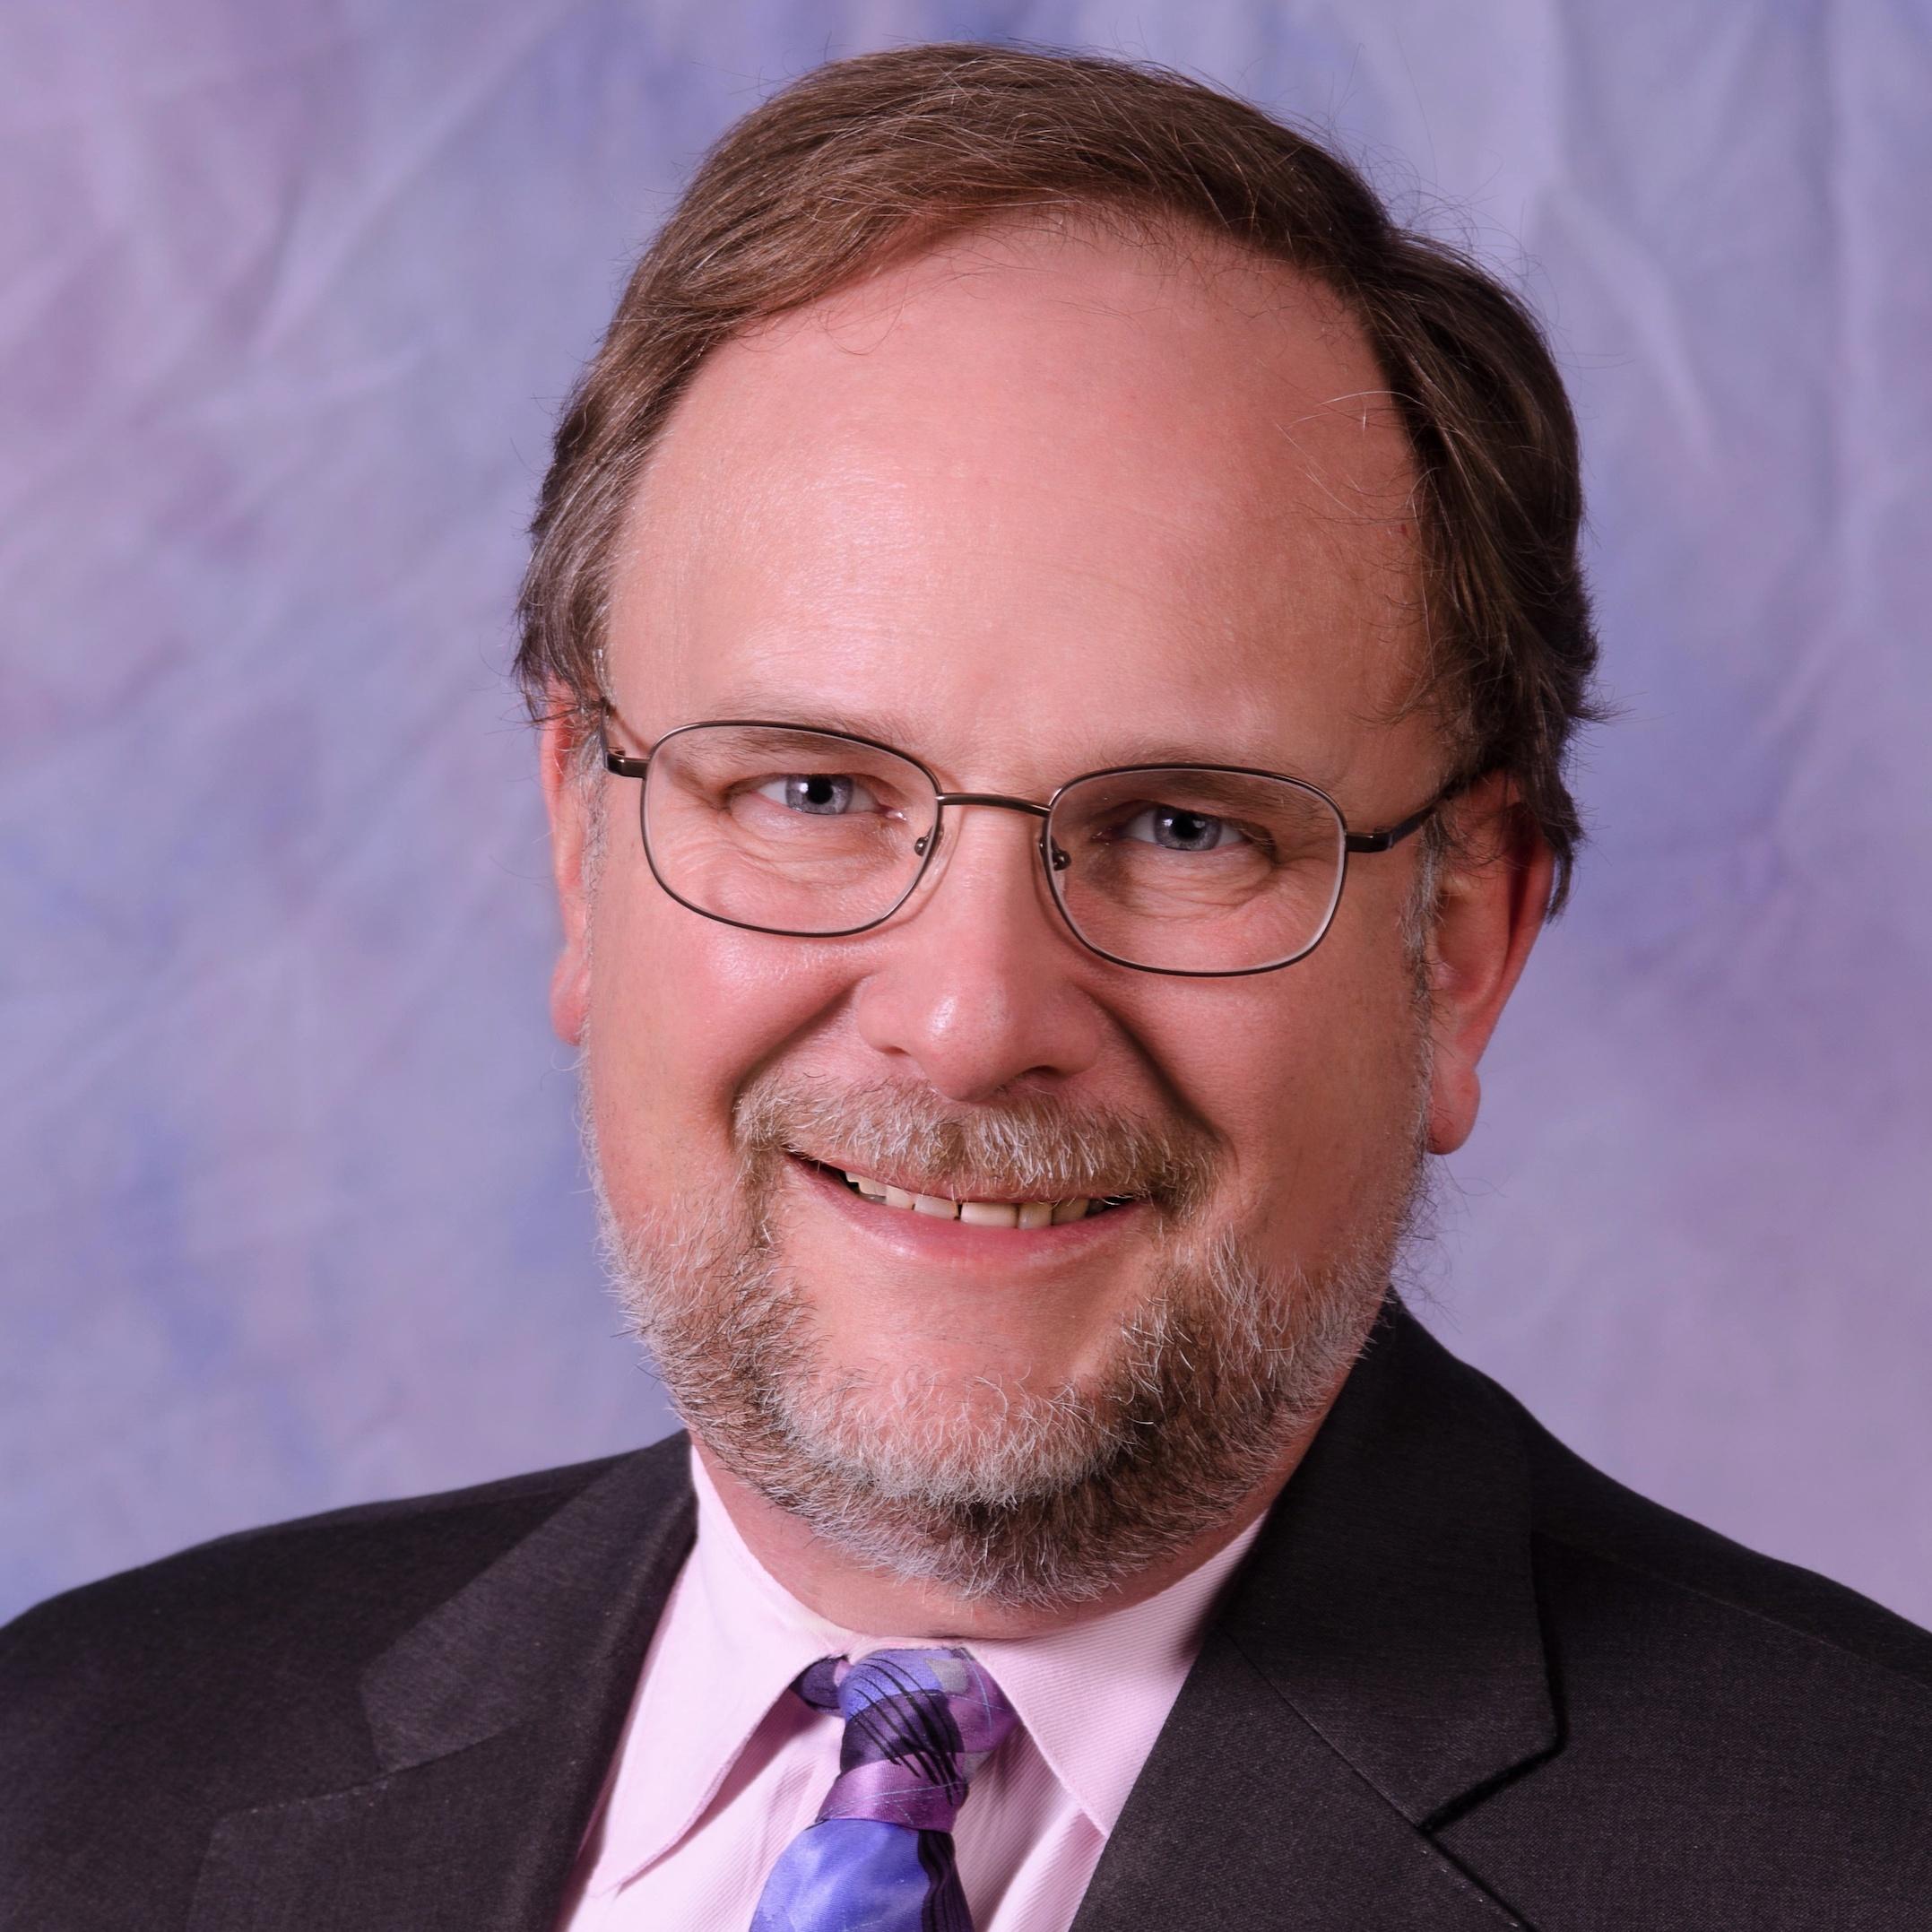 Dr. Steve Labkoff